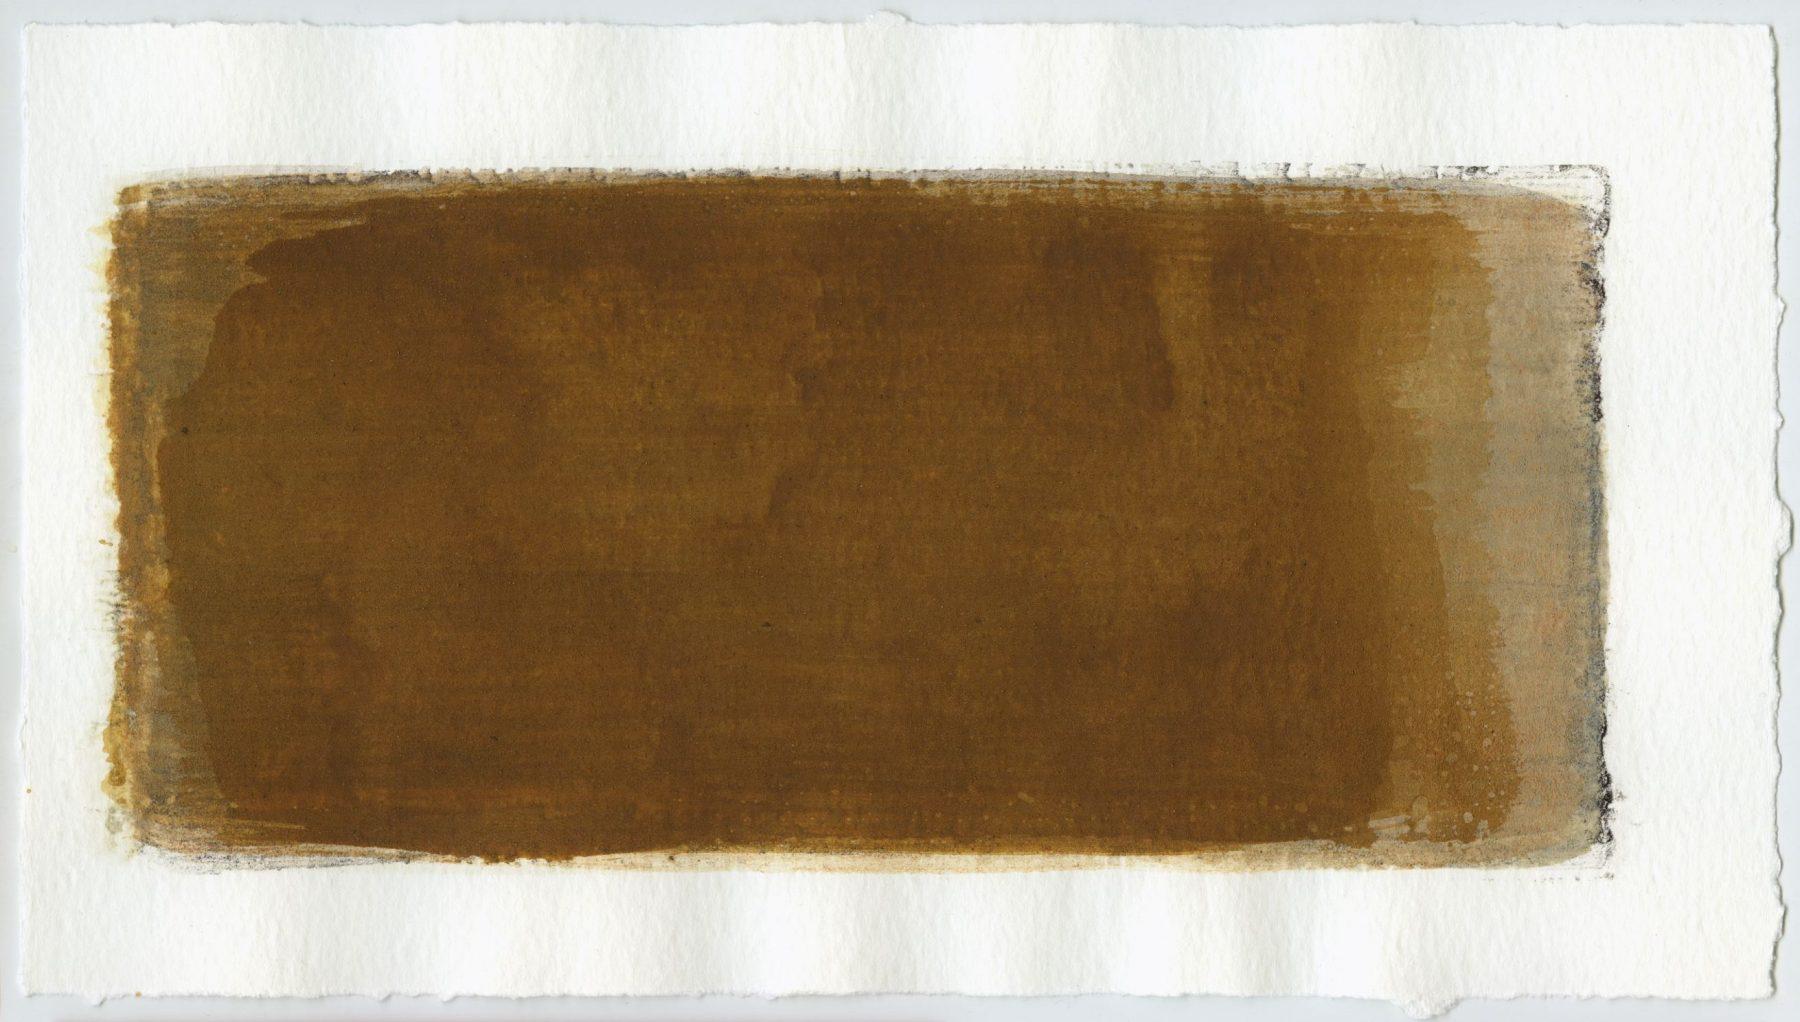 Brush stroke no. 20 - Selfmade pigment: Mortel paarsgrijs grof, Perekker grijs gebrand, Mortel paarsgrijs fijn, Perekker roze, Mortelse goudoker